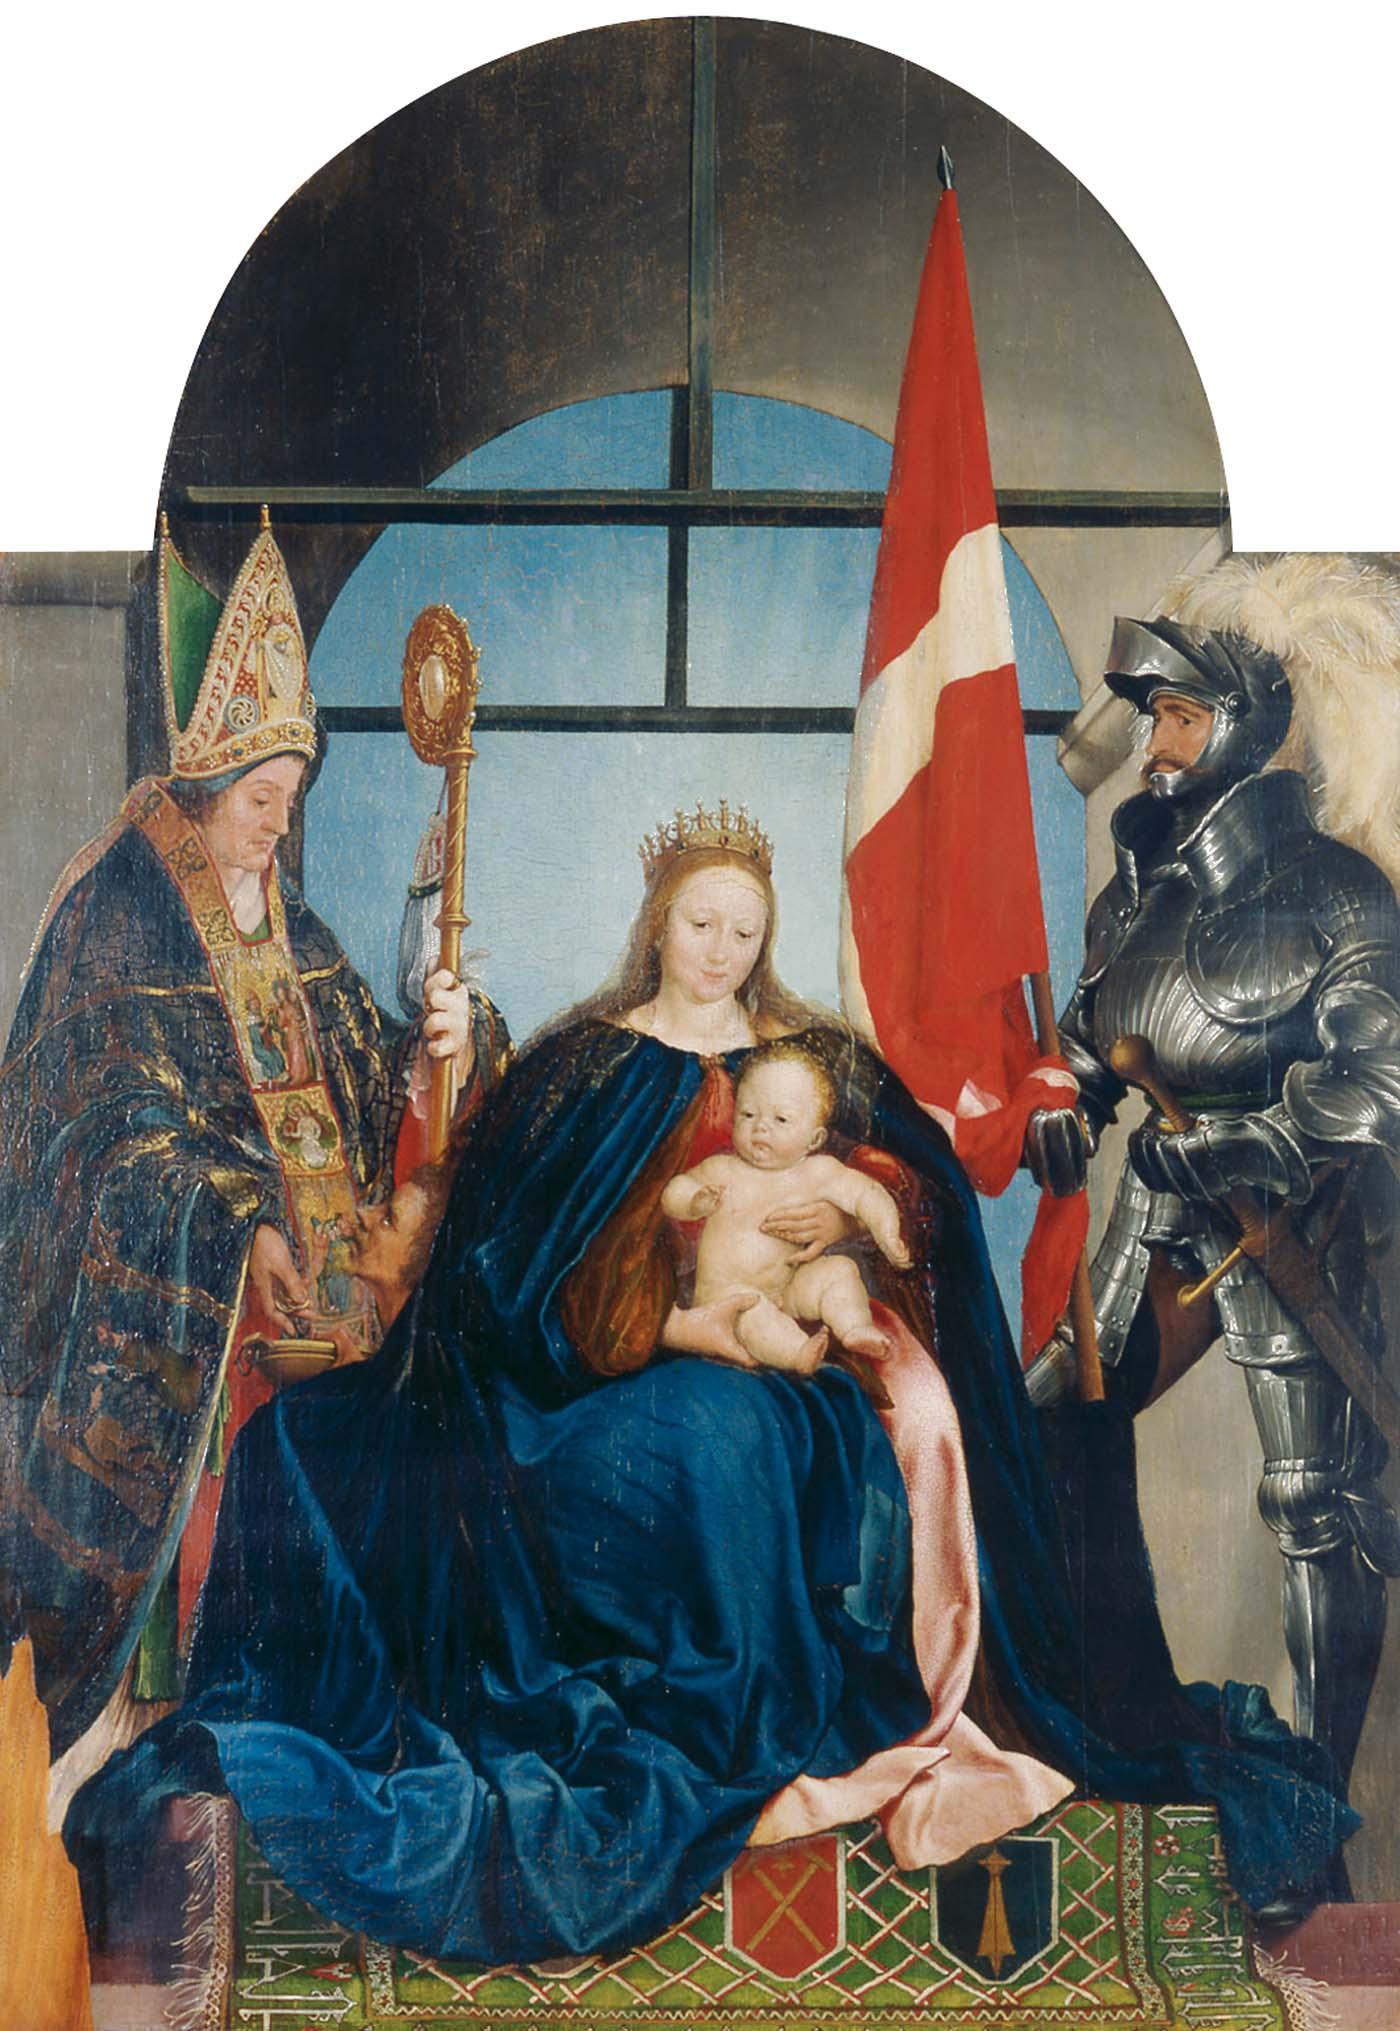 Hans Holbein d. J. Die Solothurner Madonna, 1522